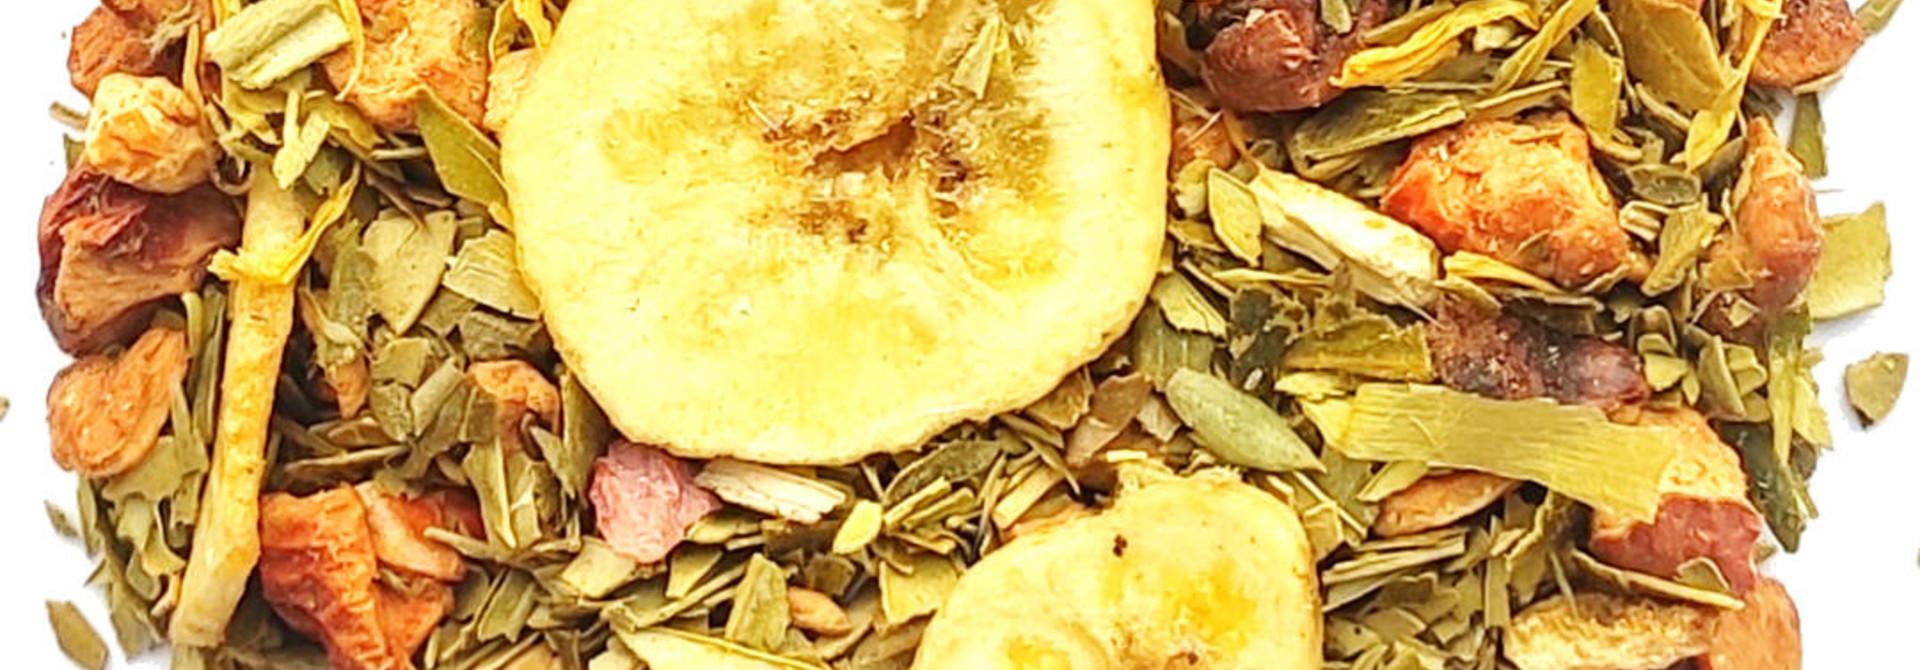 Kruidenthee: Paradijs van olijven-mango-bloedsinaasappel BIO